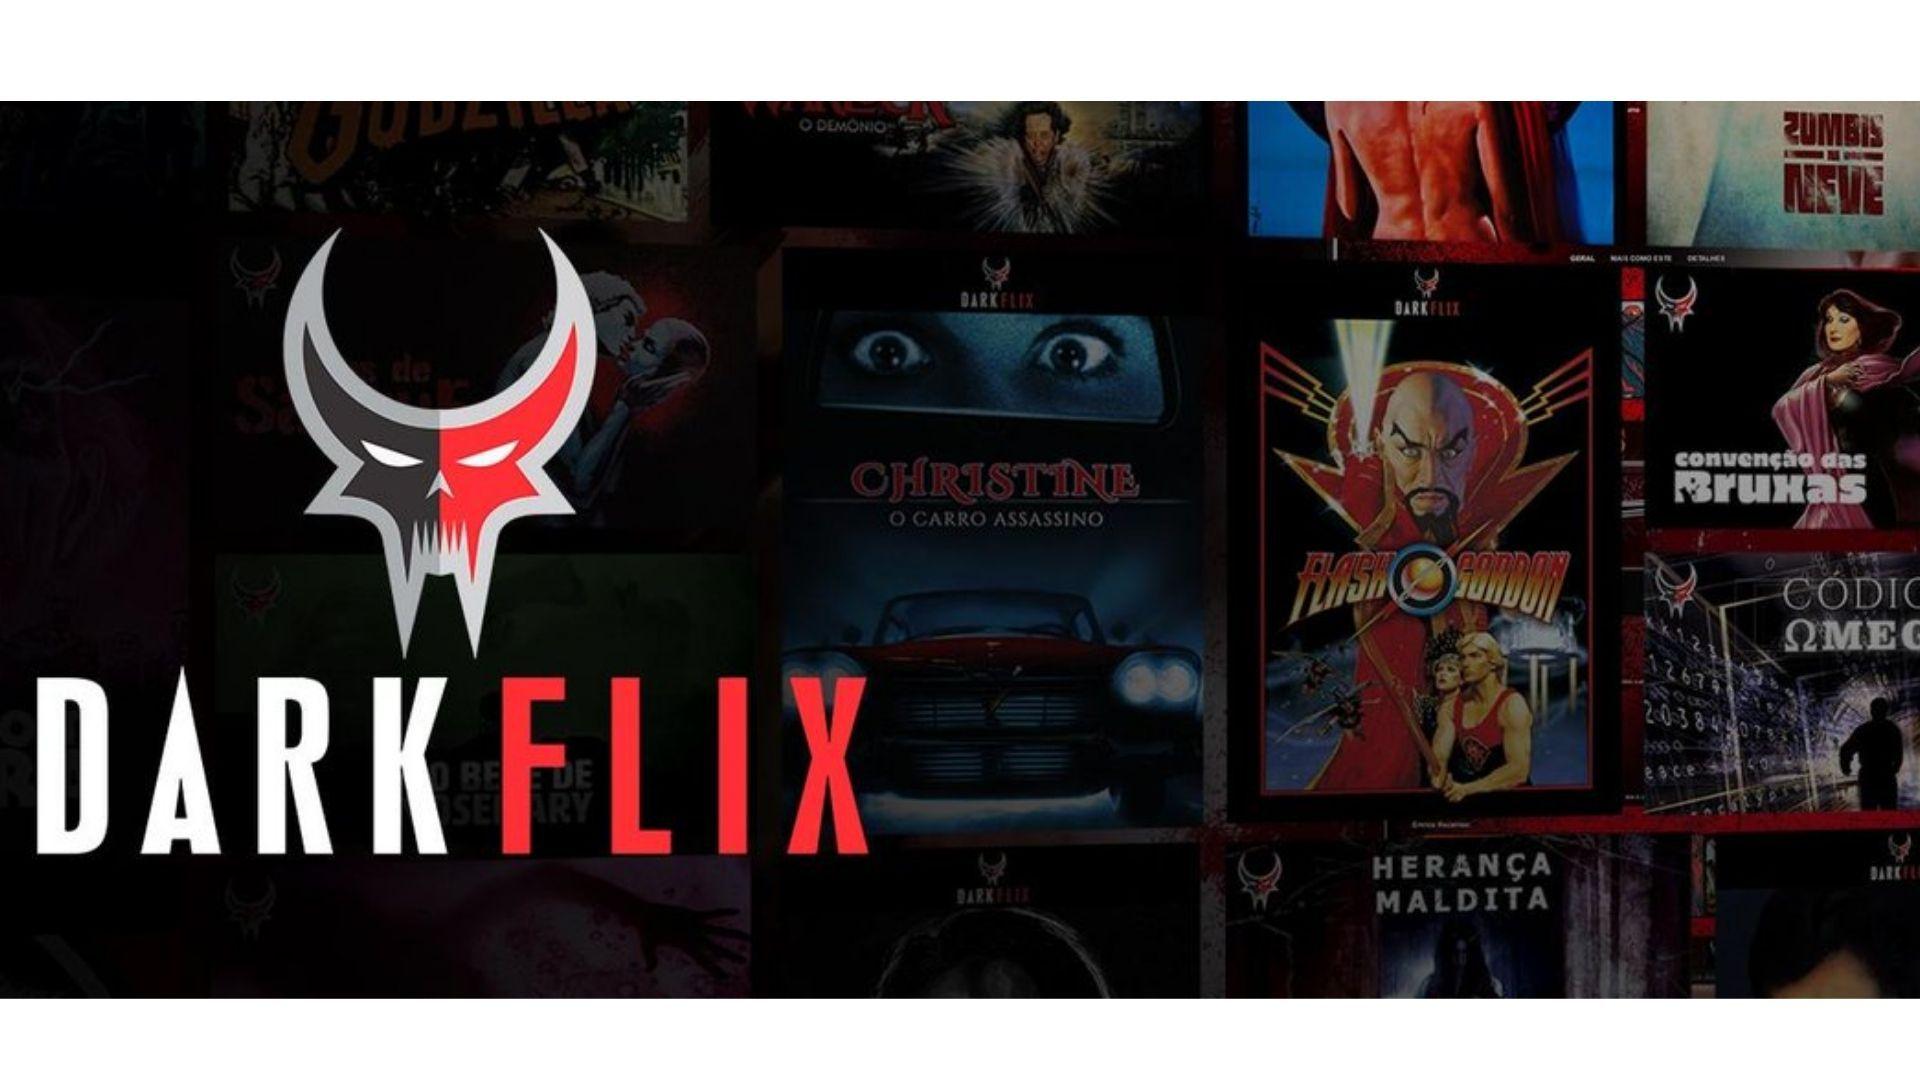 Catálogo conta com variedades de terror, suspense e ficção científica | Divulgação: DarkFlix